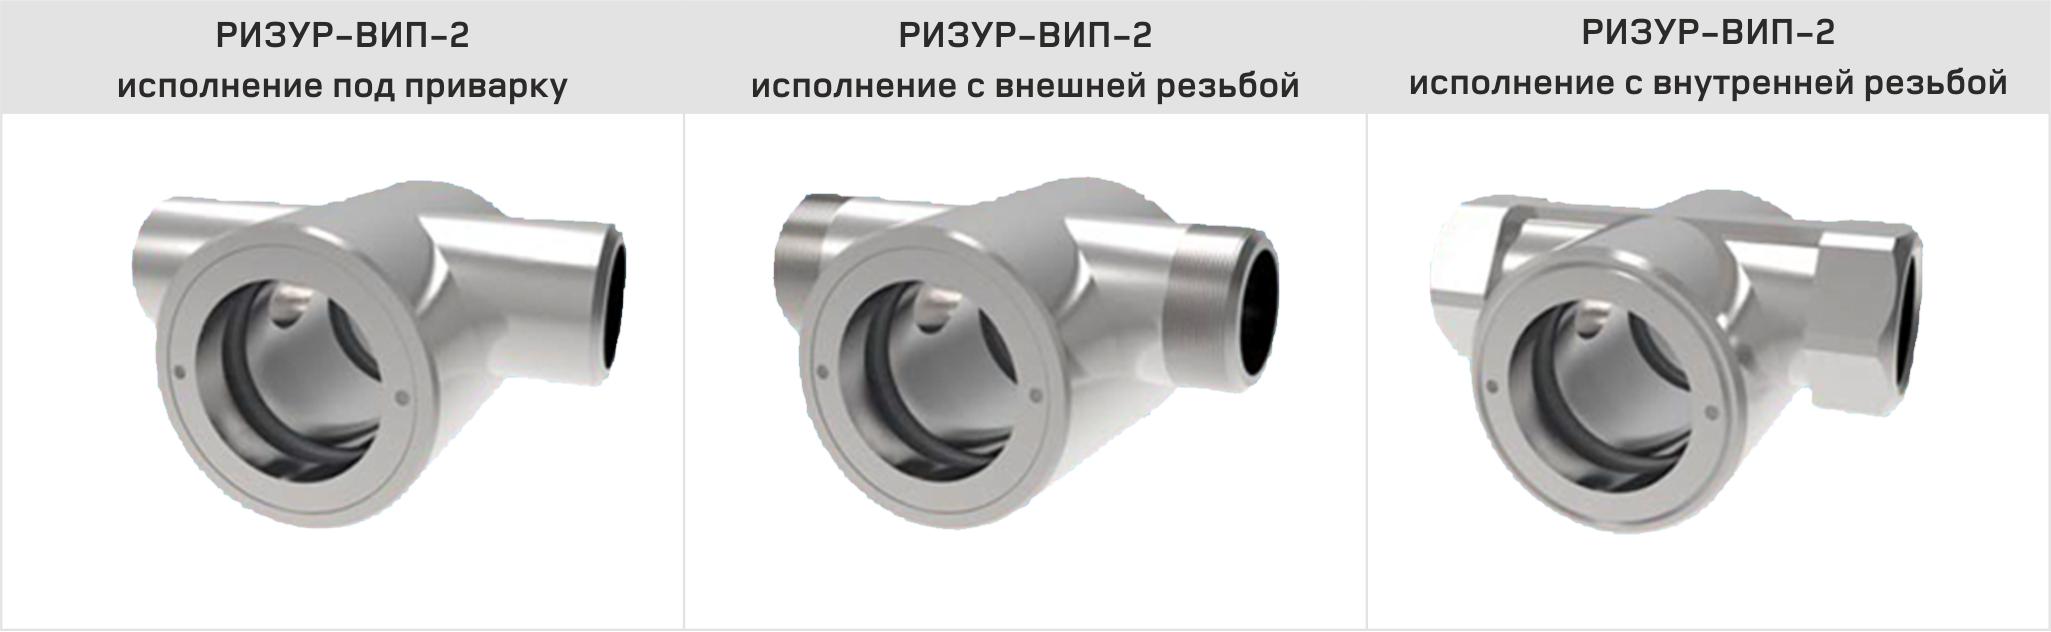 Визуальный индикатор (смотровой фонарь) потока РИЗУР-ВИП-2